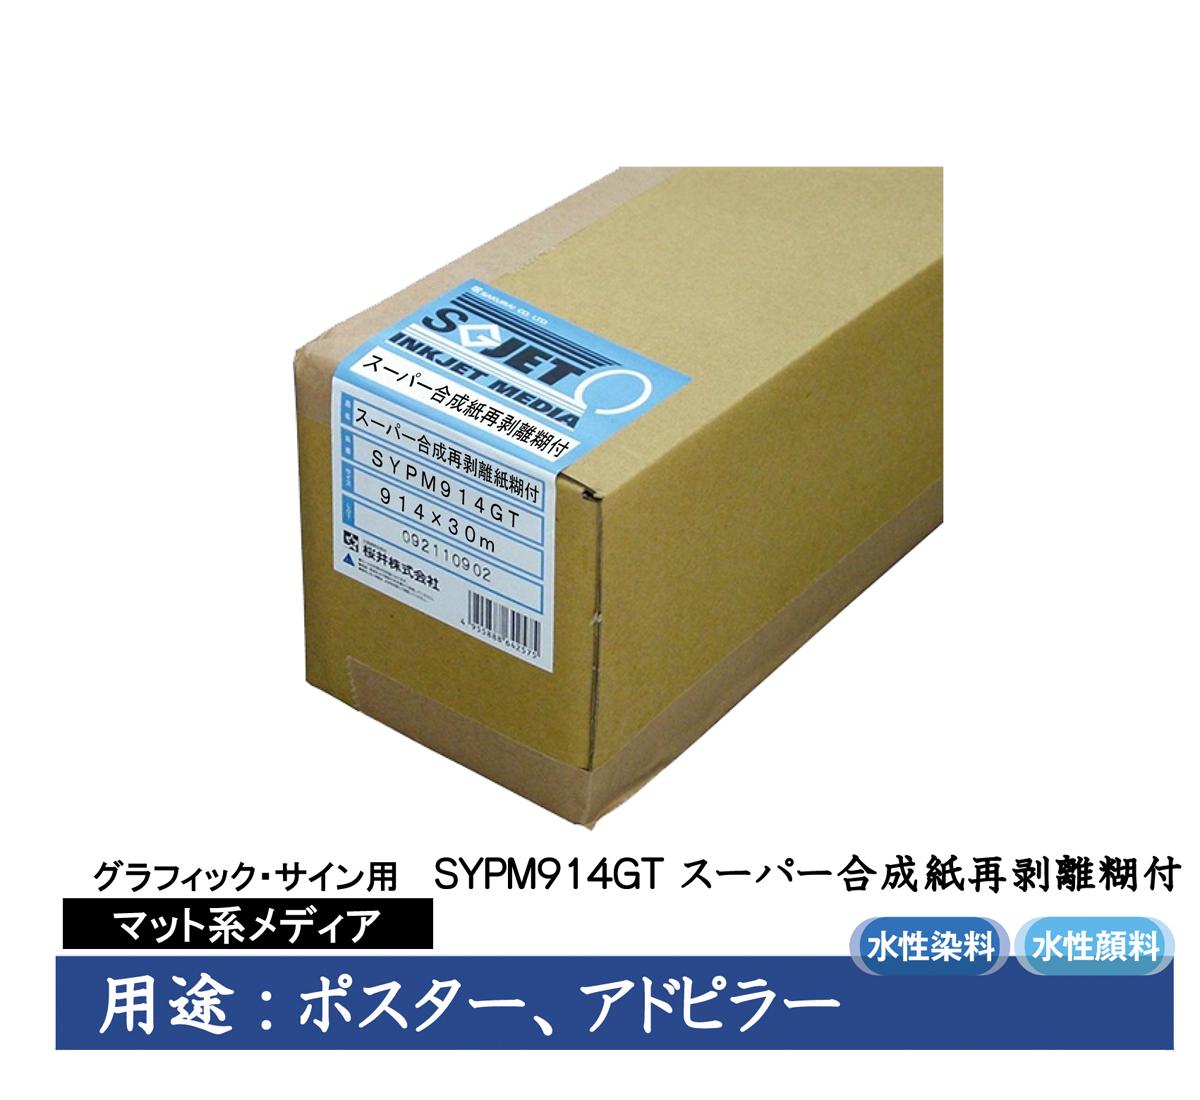 桜井 グラフィック・サイン用インクジェット用紙 スーパー合成紙再剥離糊付 914mm×30m 2インチ 1本入 SYPM914GT